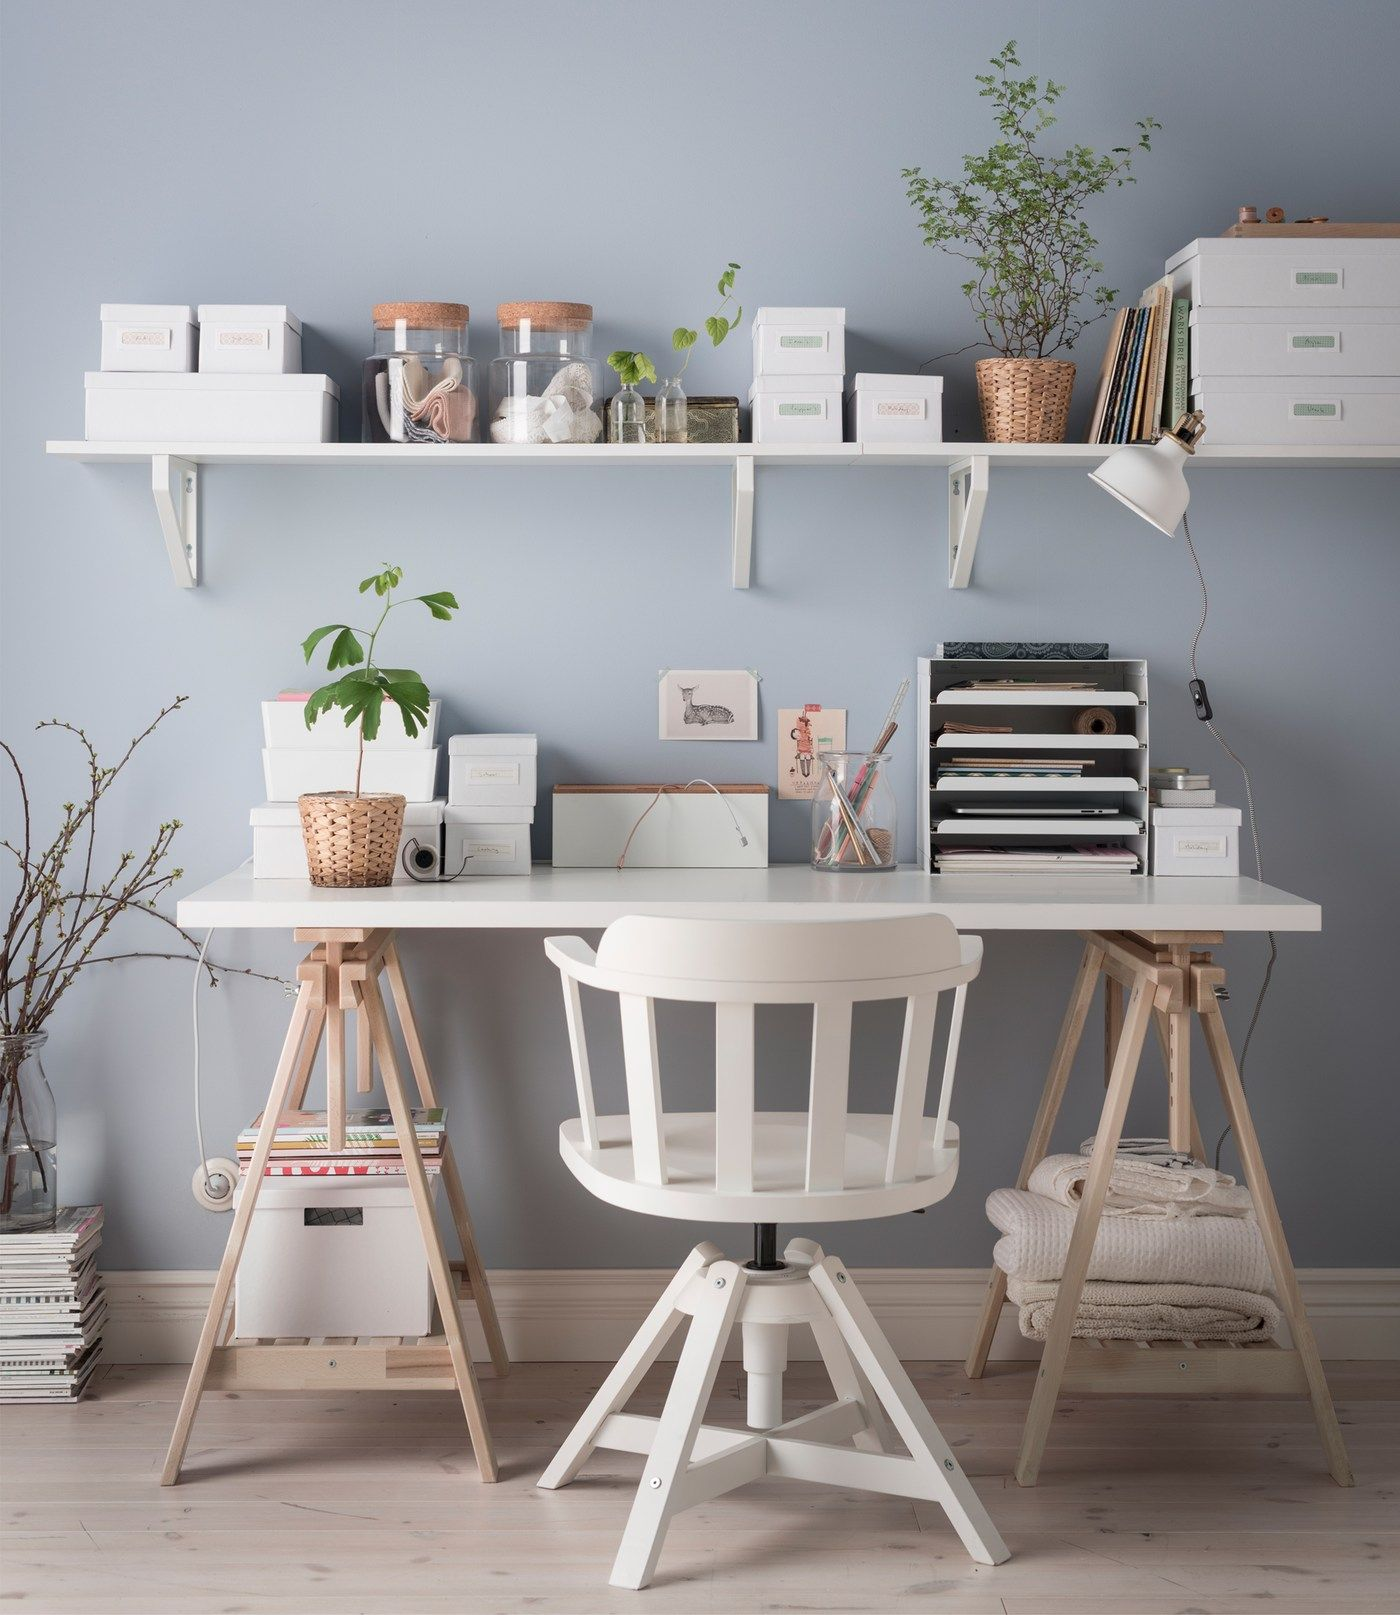 Los productos más vendidos en Ikea durante el confinamiento